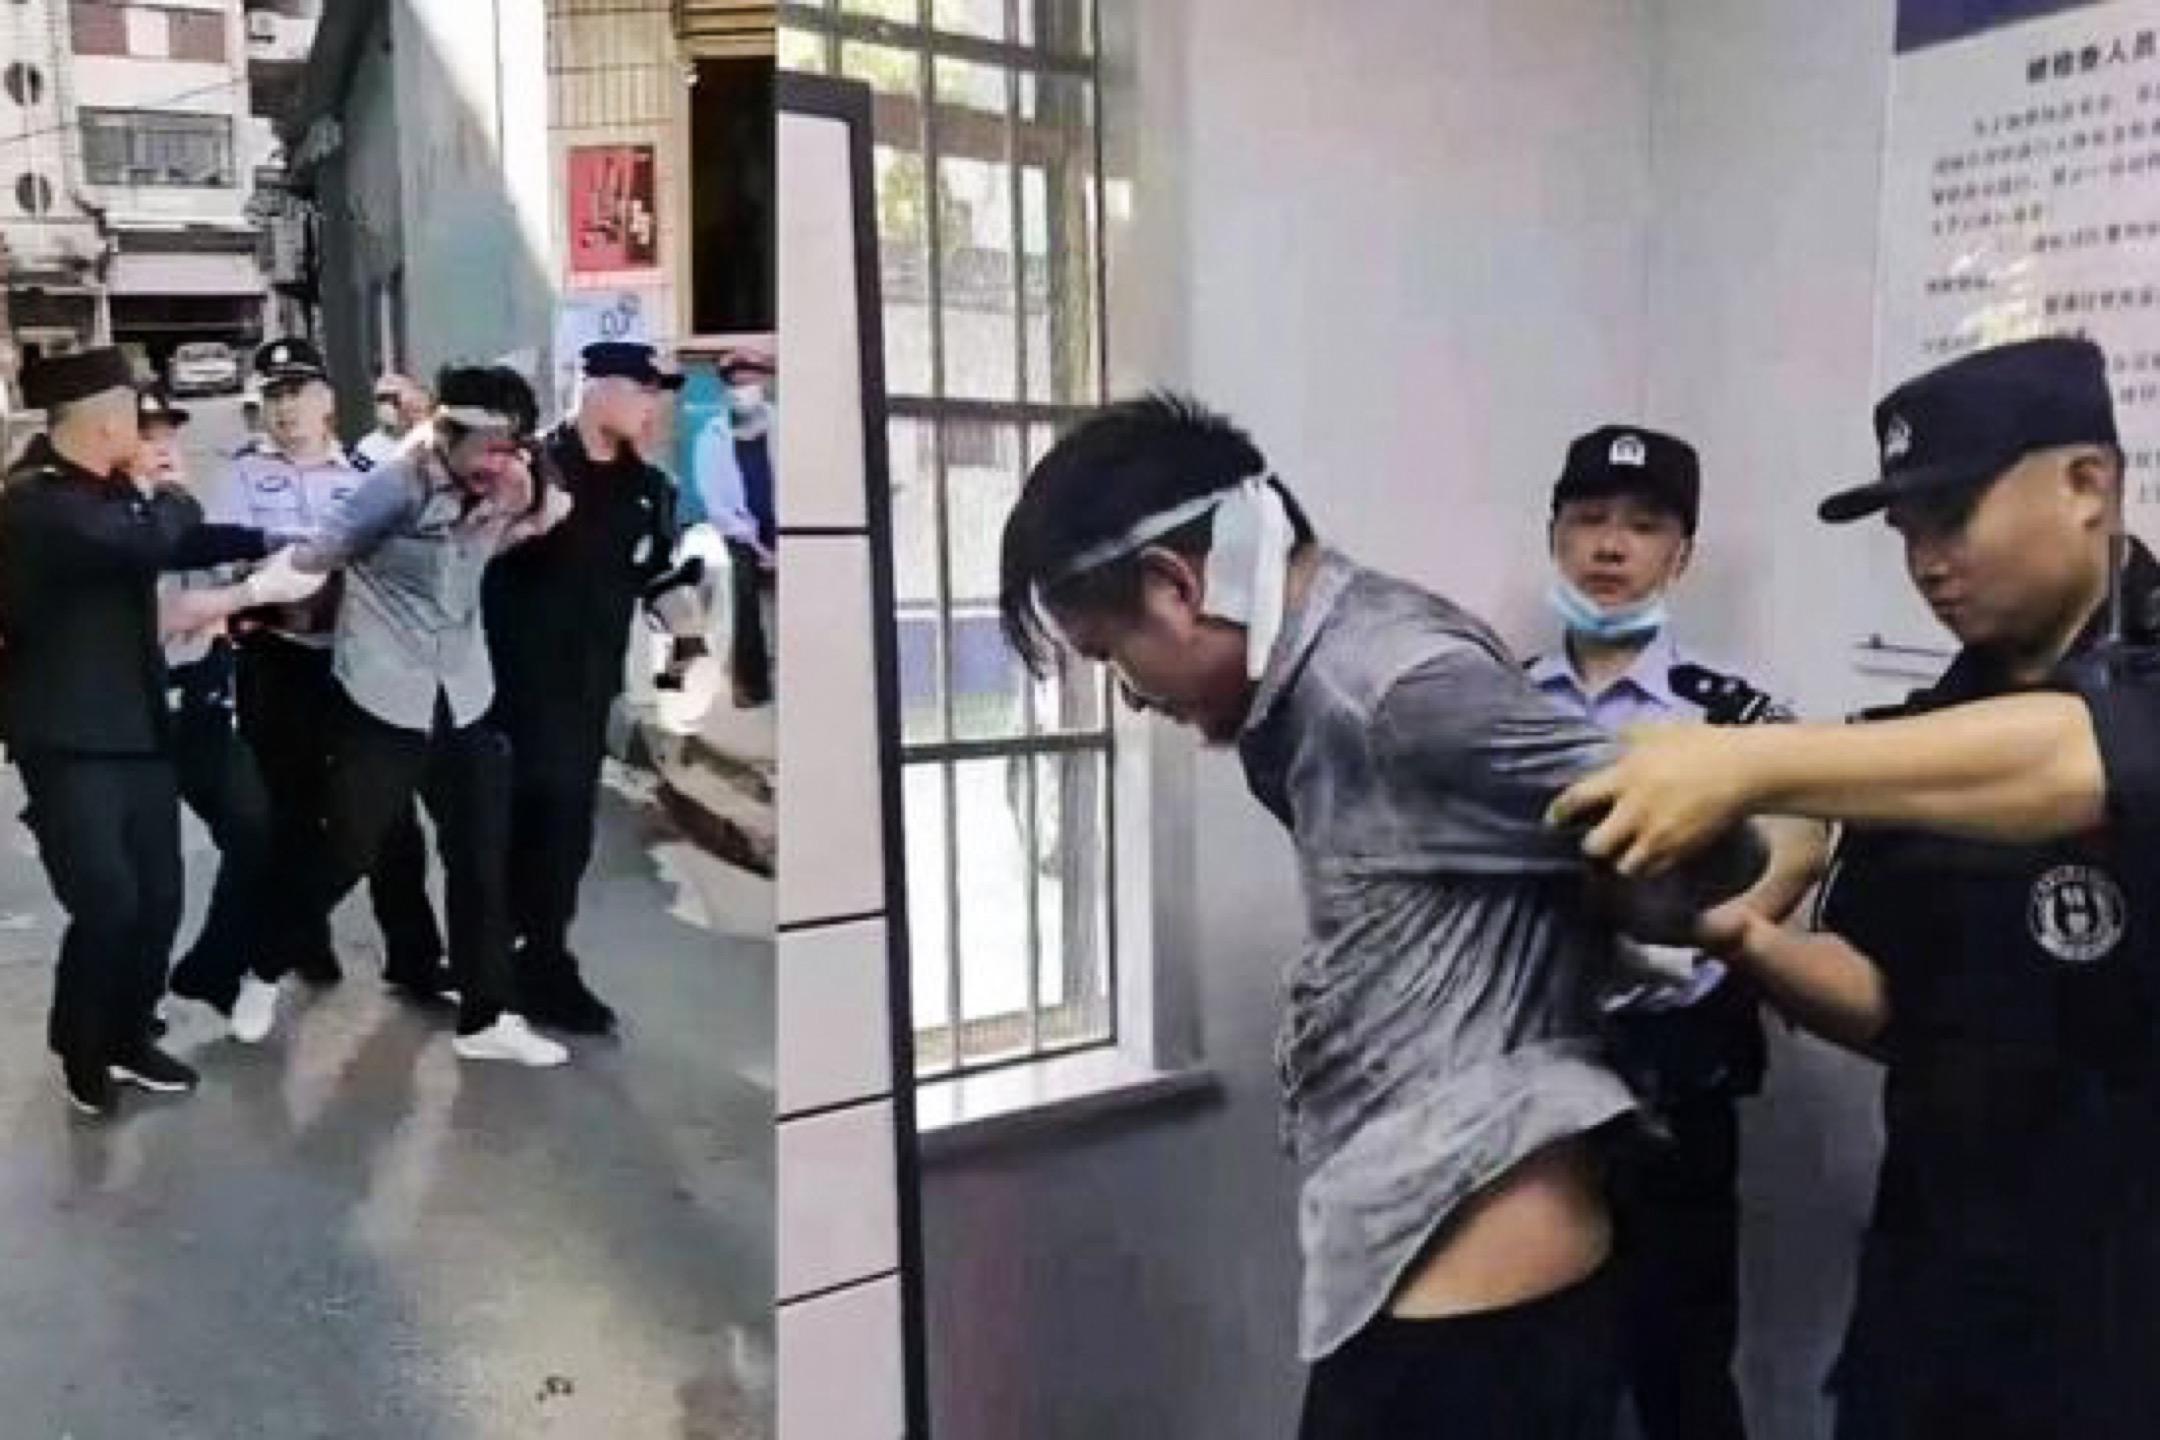 2021年6月5日,中國安徽安慶市發生隨機殺人事件,公安制服並拘捕一名男子。 網上圖片